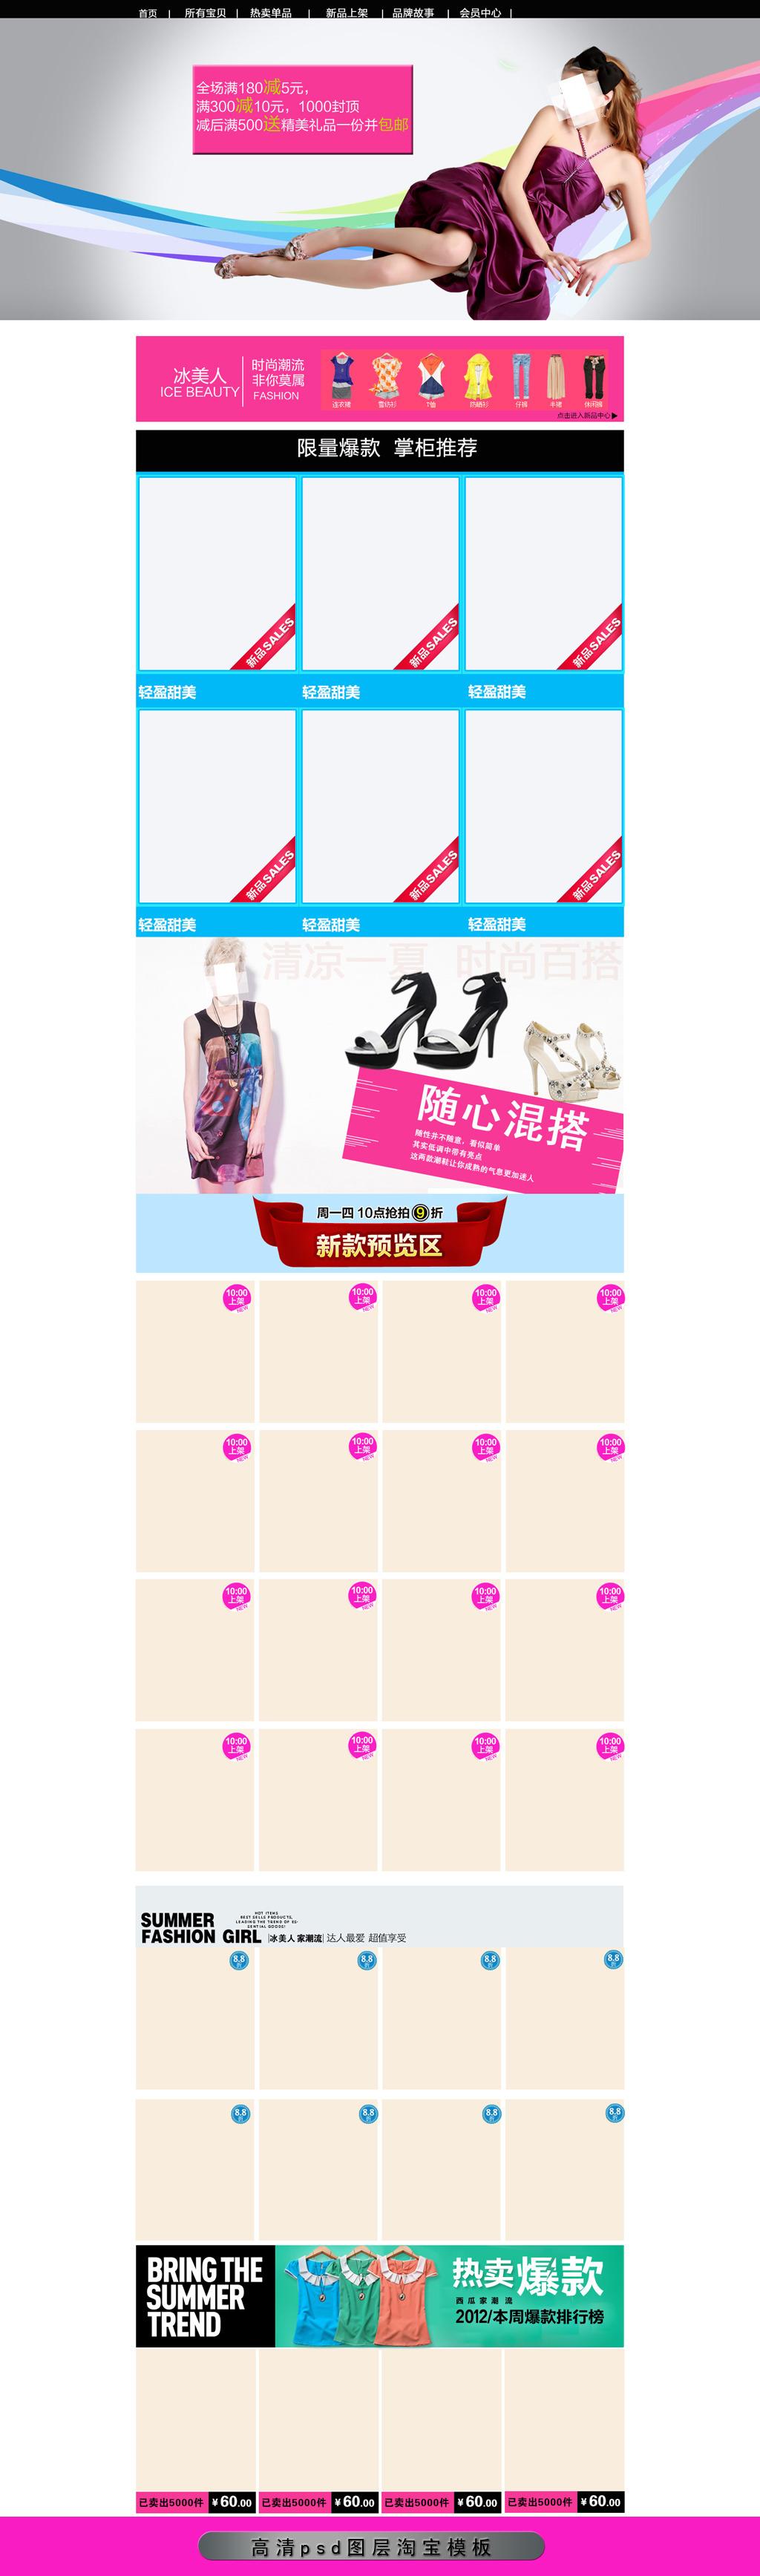 服装类活动专题页面模板下载